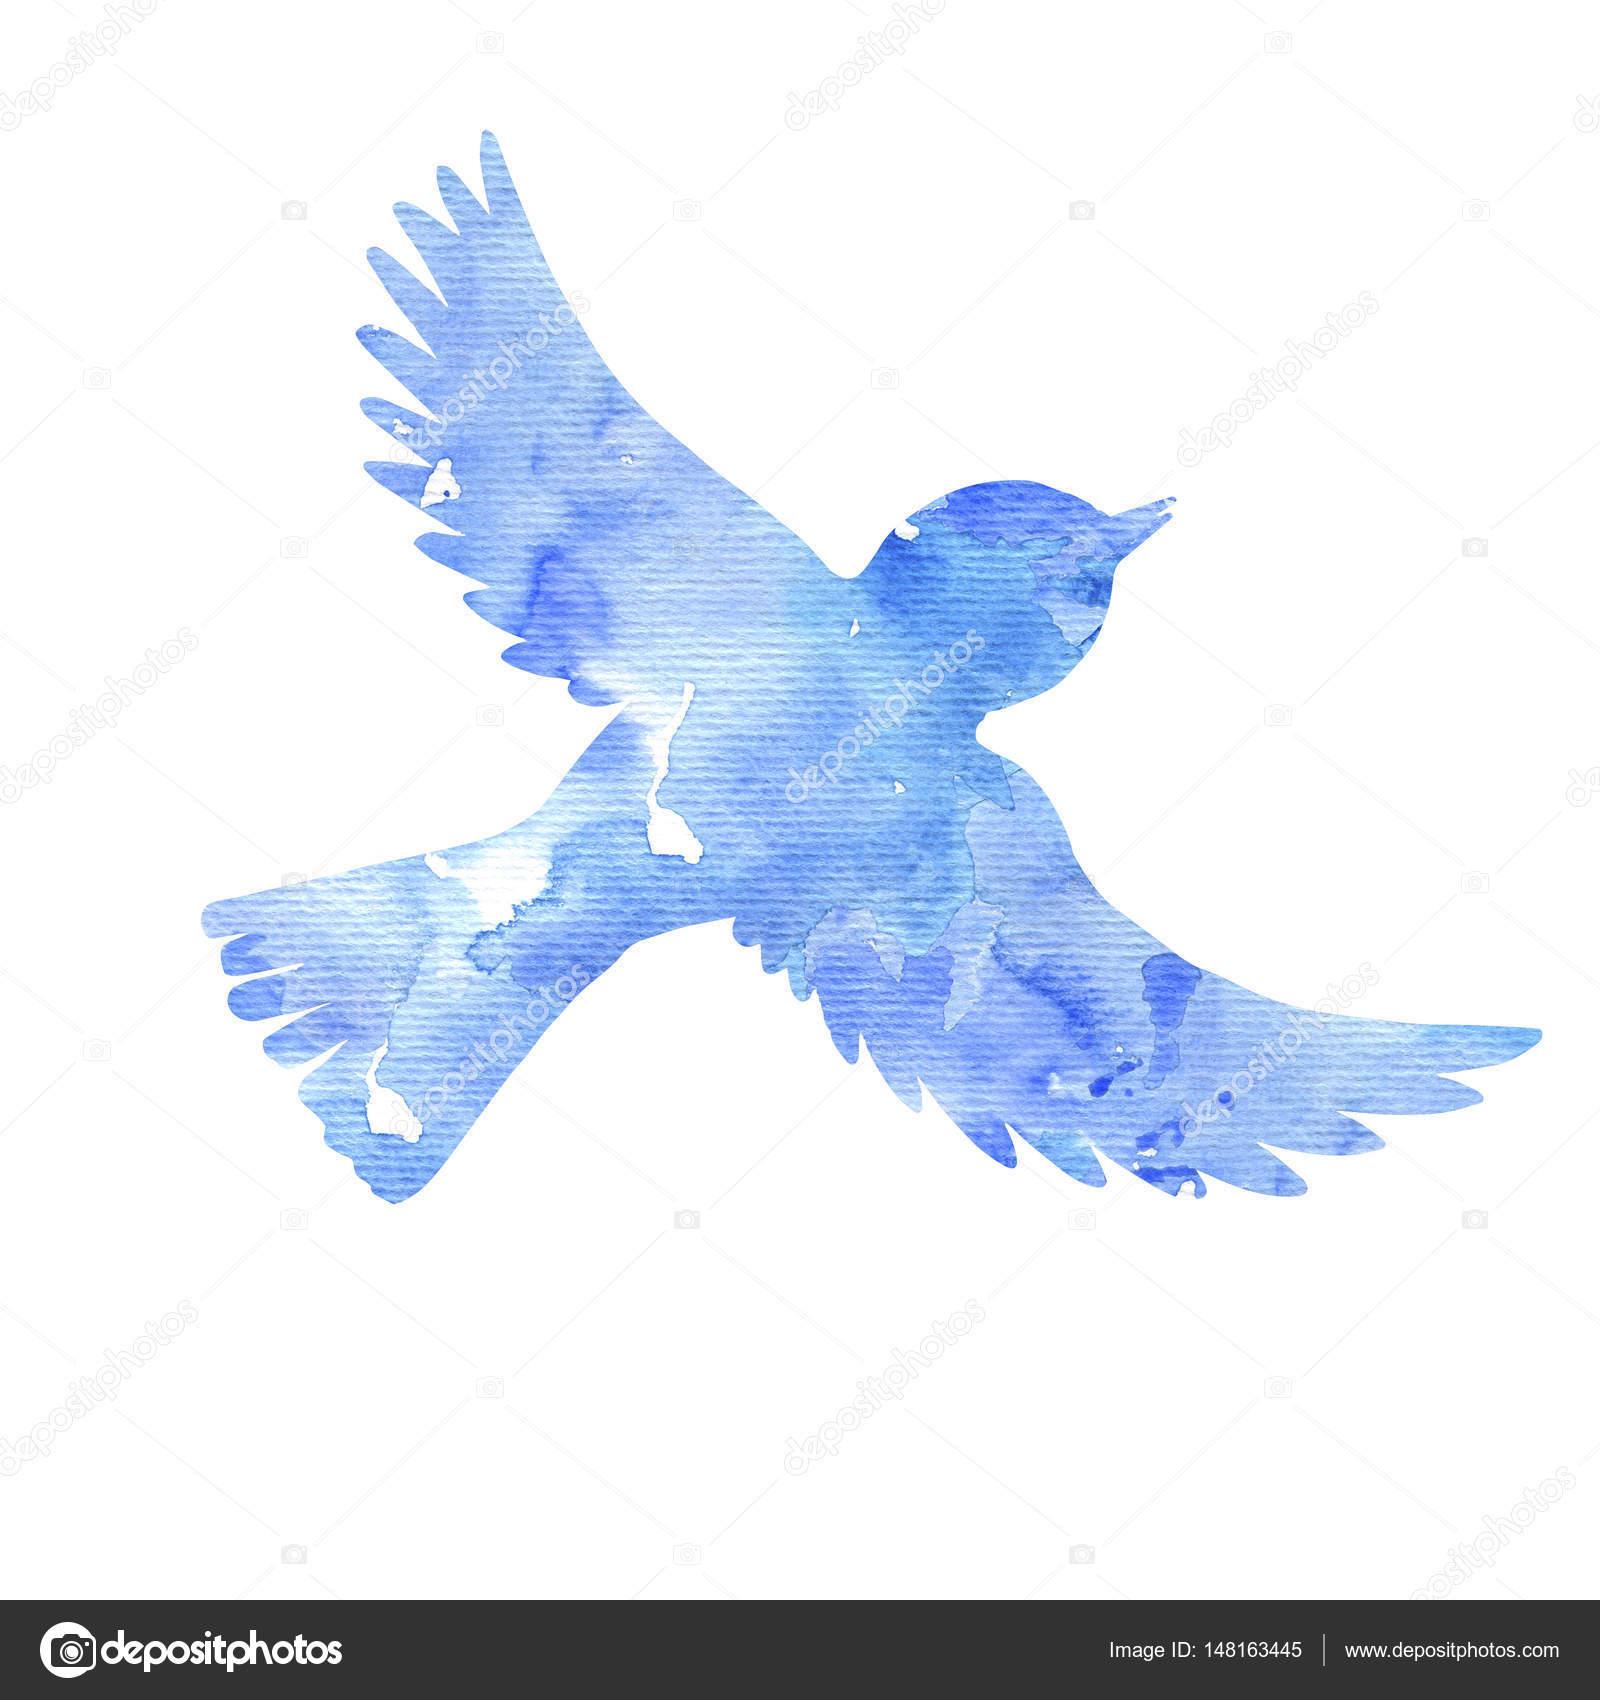 水彩の空飛ぶ鳥シルエット \u2014 ストック写真 © cat_arch_angel